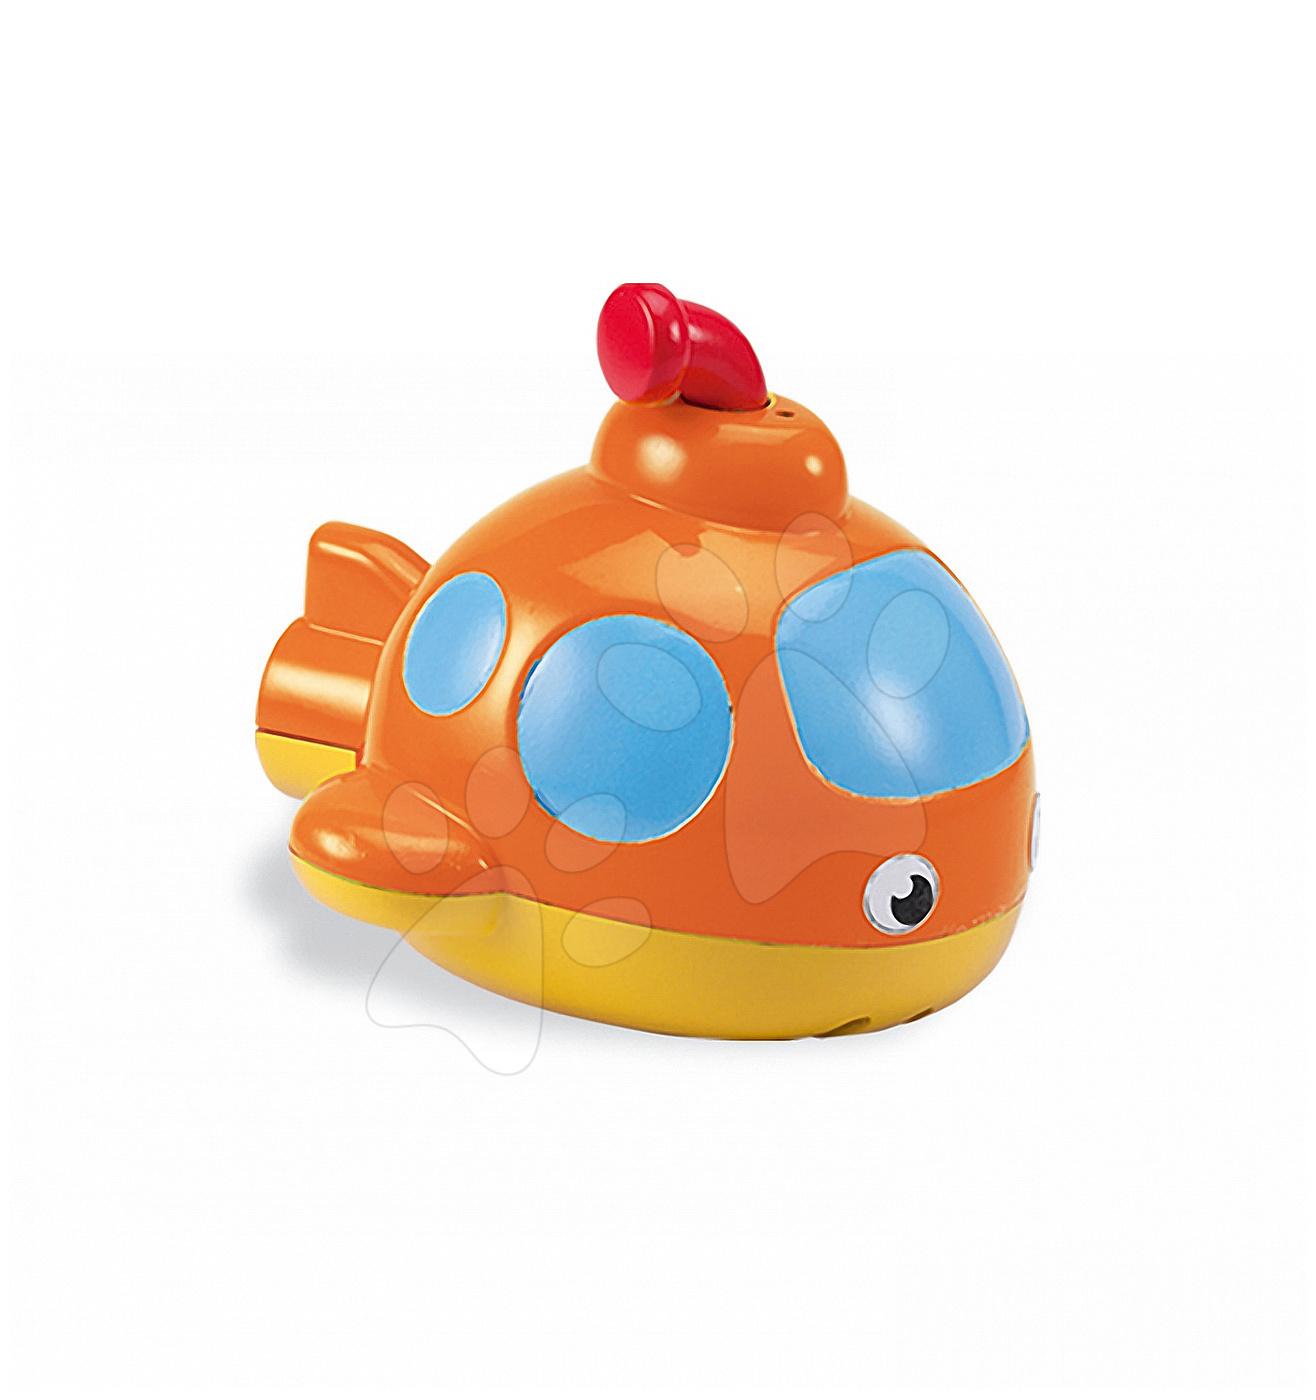 Podmornica za igraje Vroom Planet Smoby dolžina 8,5 cm od 12 mes